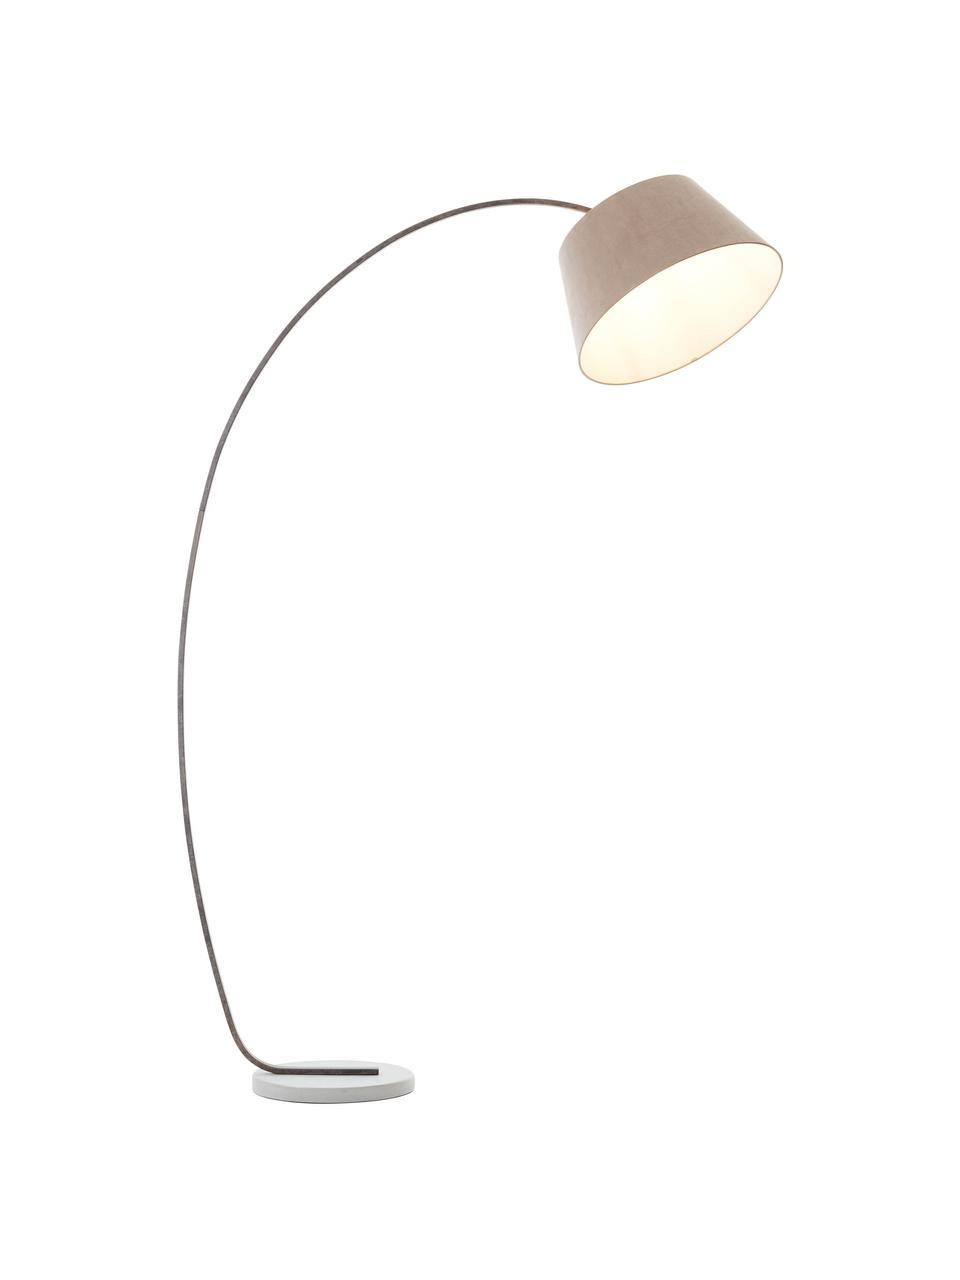 Lampada ad arco di design con finitura anticata Brok, Paralume: tessuto, Base della lampada: metallo, Grigio, Larg. 50 x Alt. 196 cm